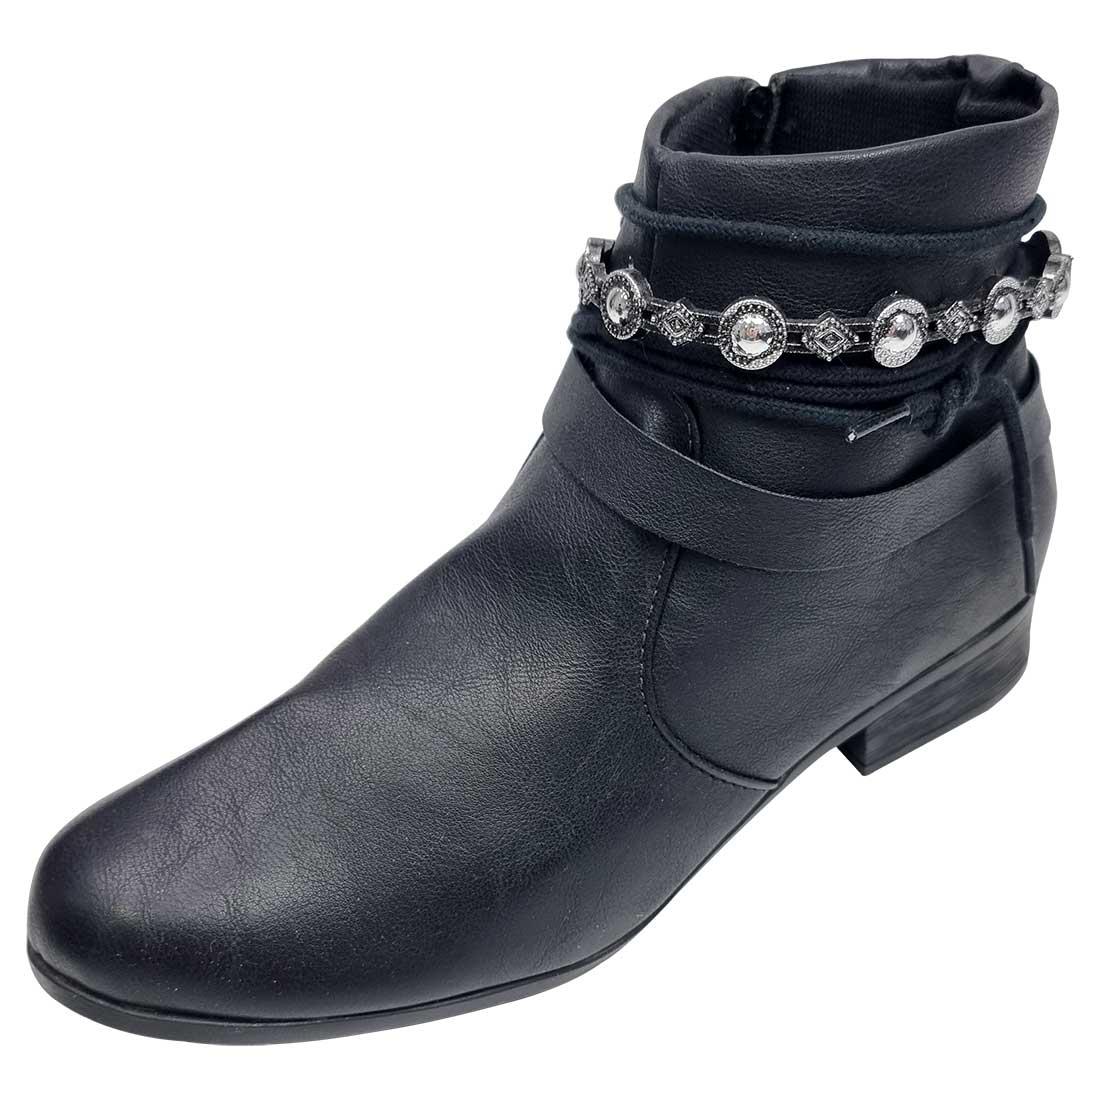 Ankle Boot com Tornozeleira - Preto